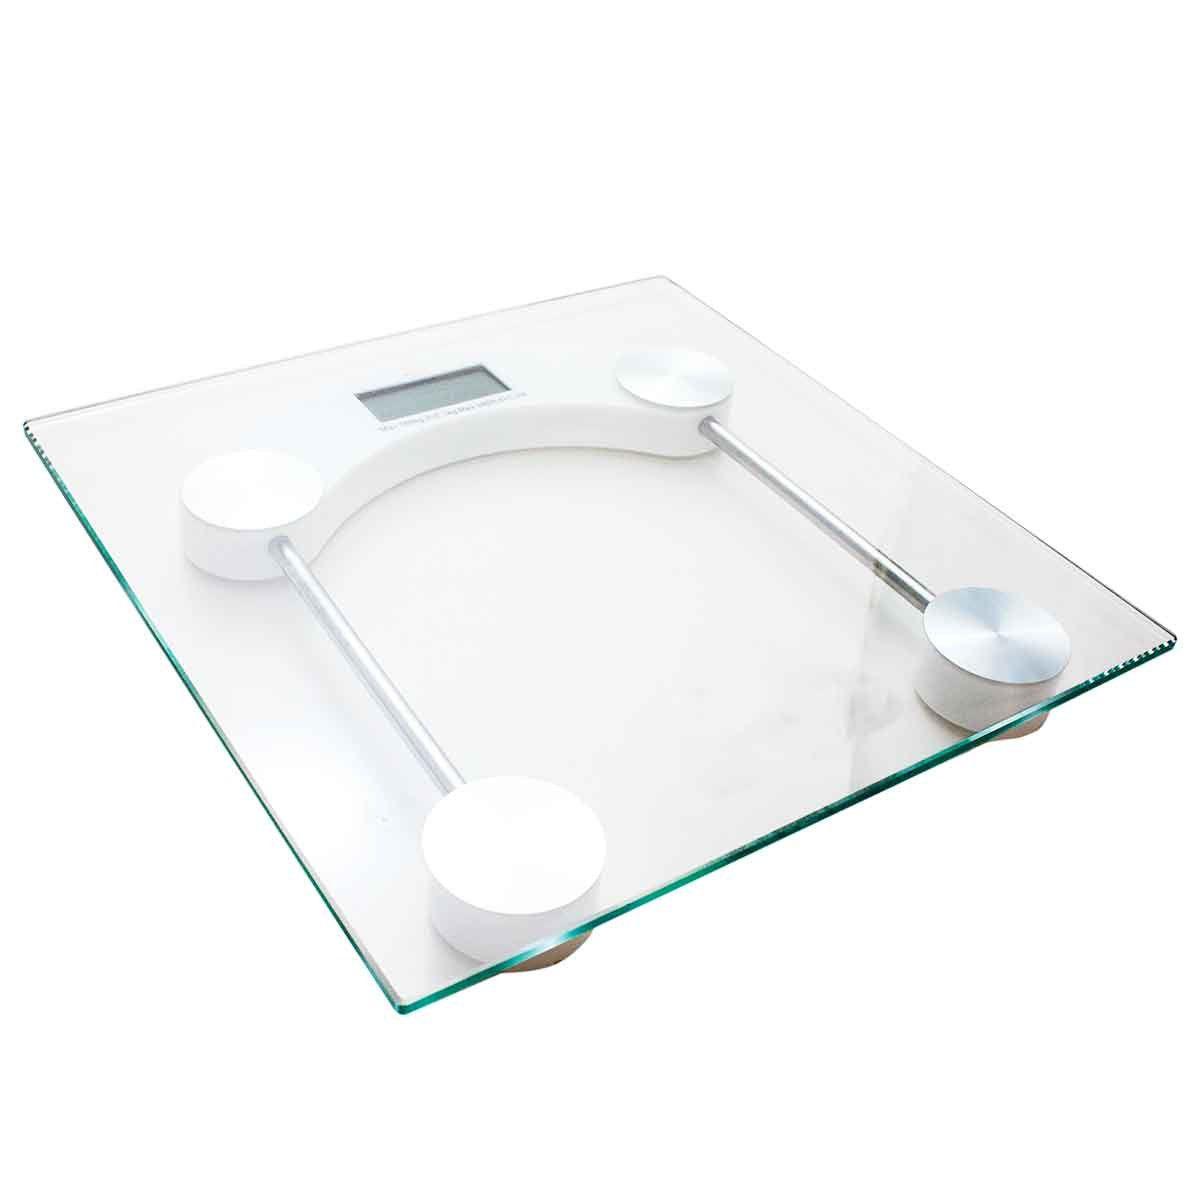 10x Balança Digital Quadrada Vidro Temperado Banheiro Academias